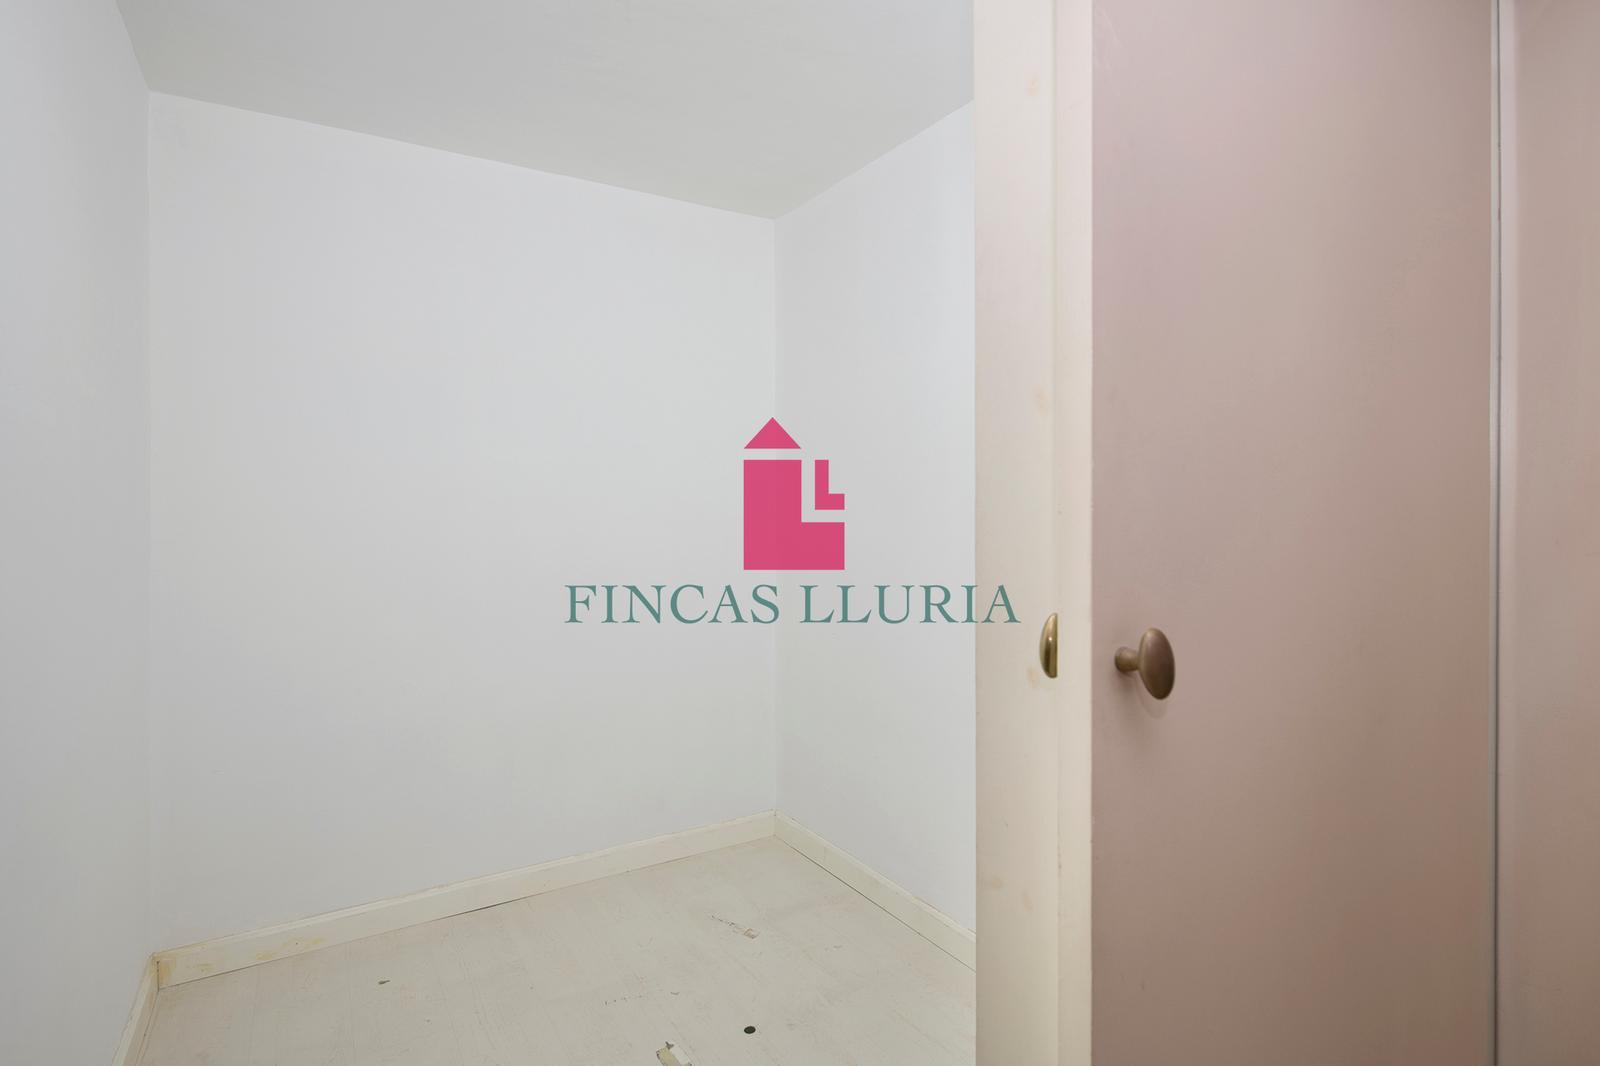 Ref.: 31297 - OPORTUNIDAD: LOCAL CON POSIBILIDAD DE VIVIENDA